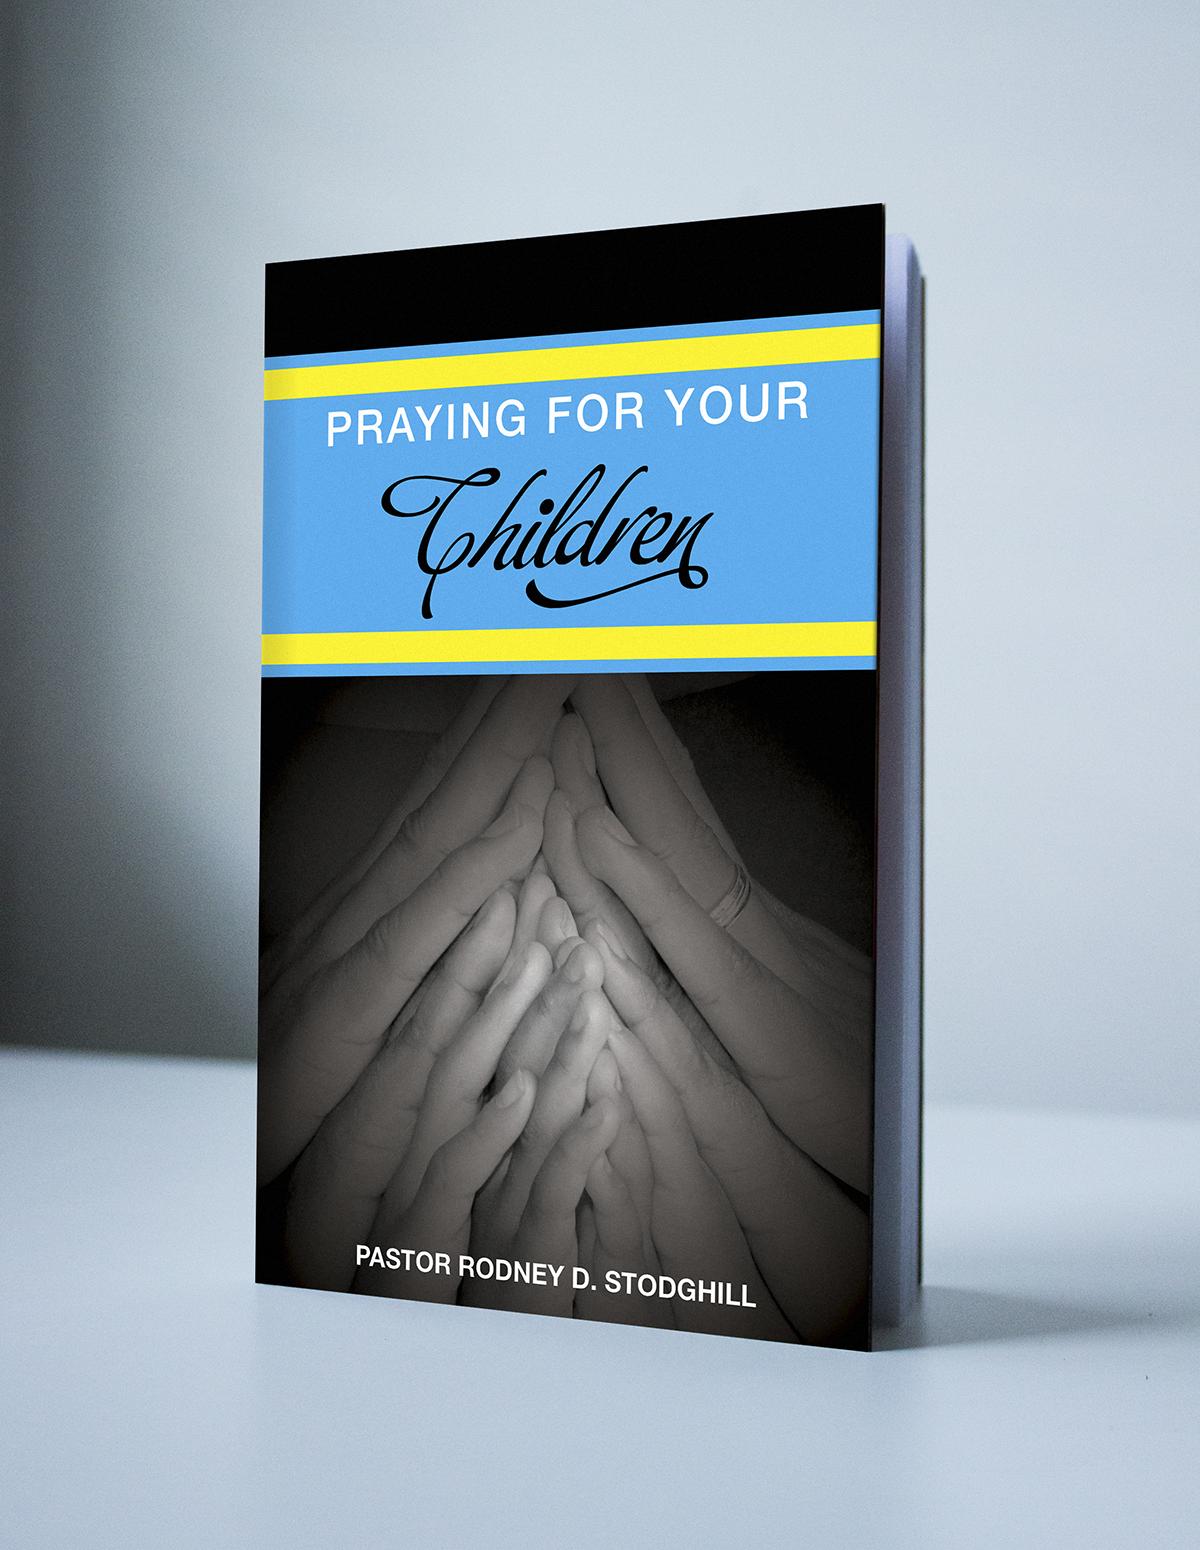 PRAYING FOR YOUR CHILDREN - PASTOR RODNEY D. STODGHILL